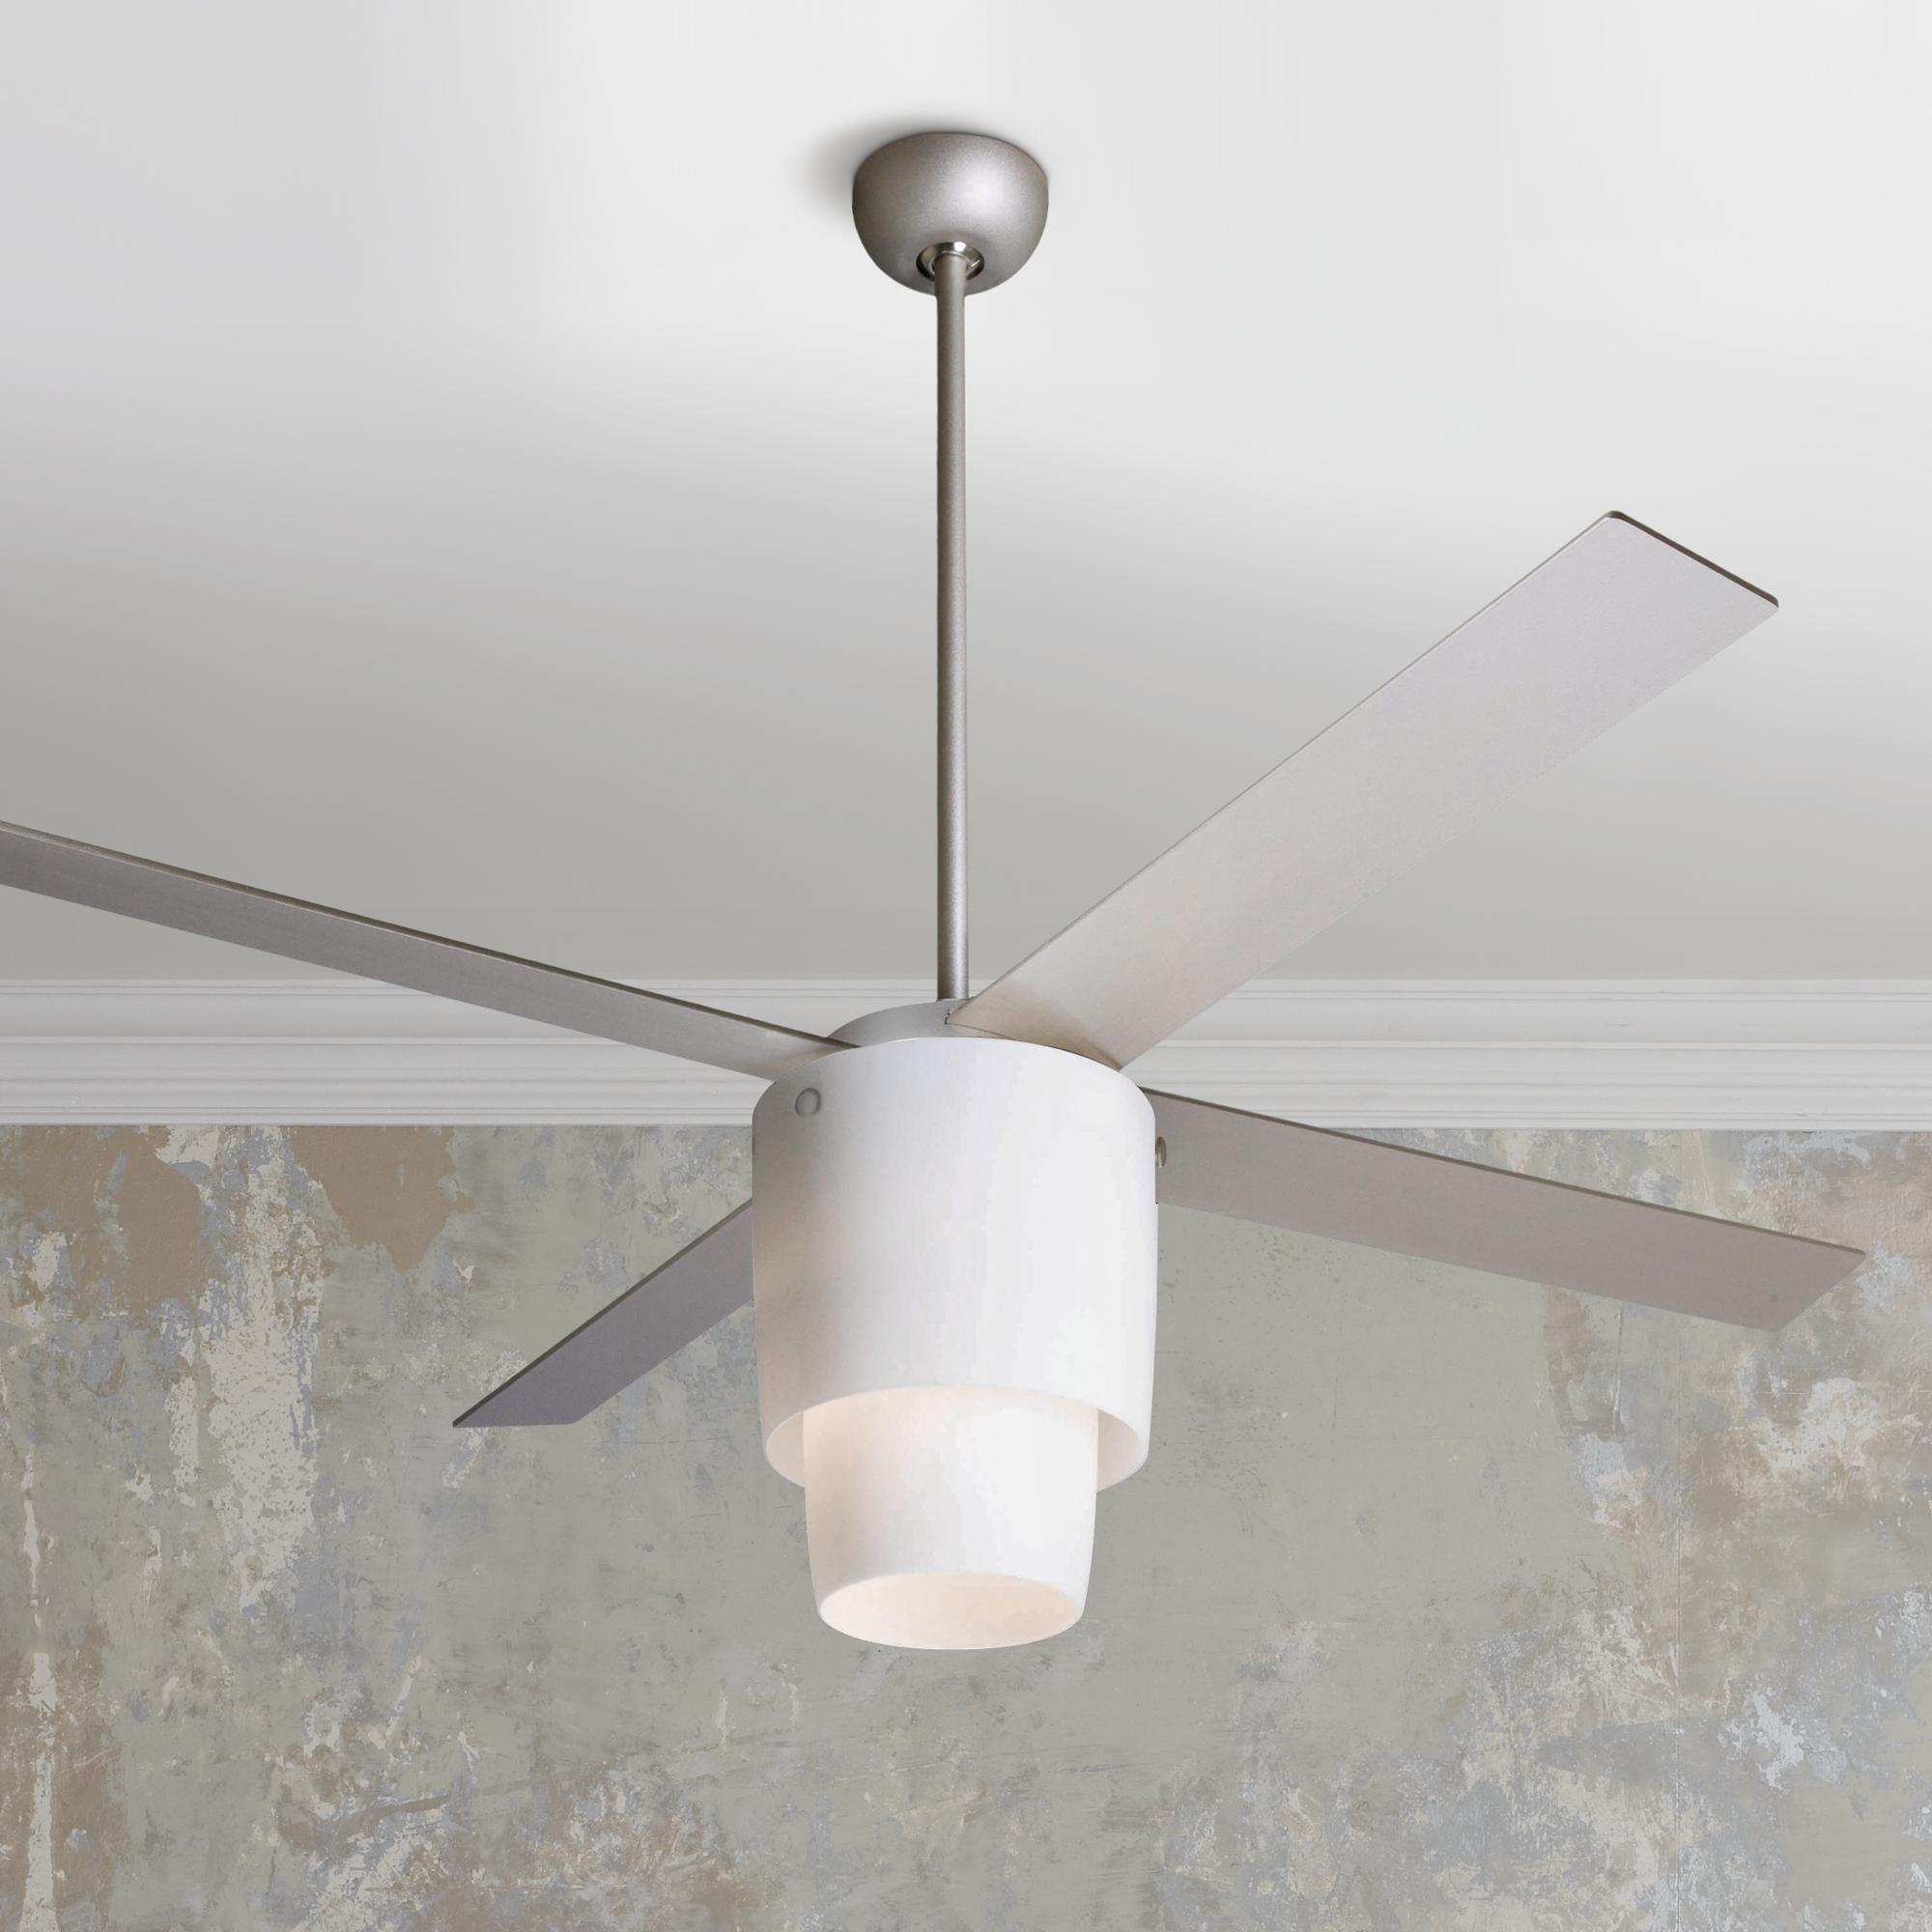 52 Modern Fan Halo Nickel Opal Light Ceiling